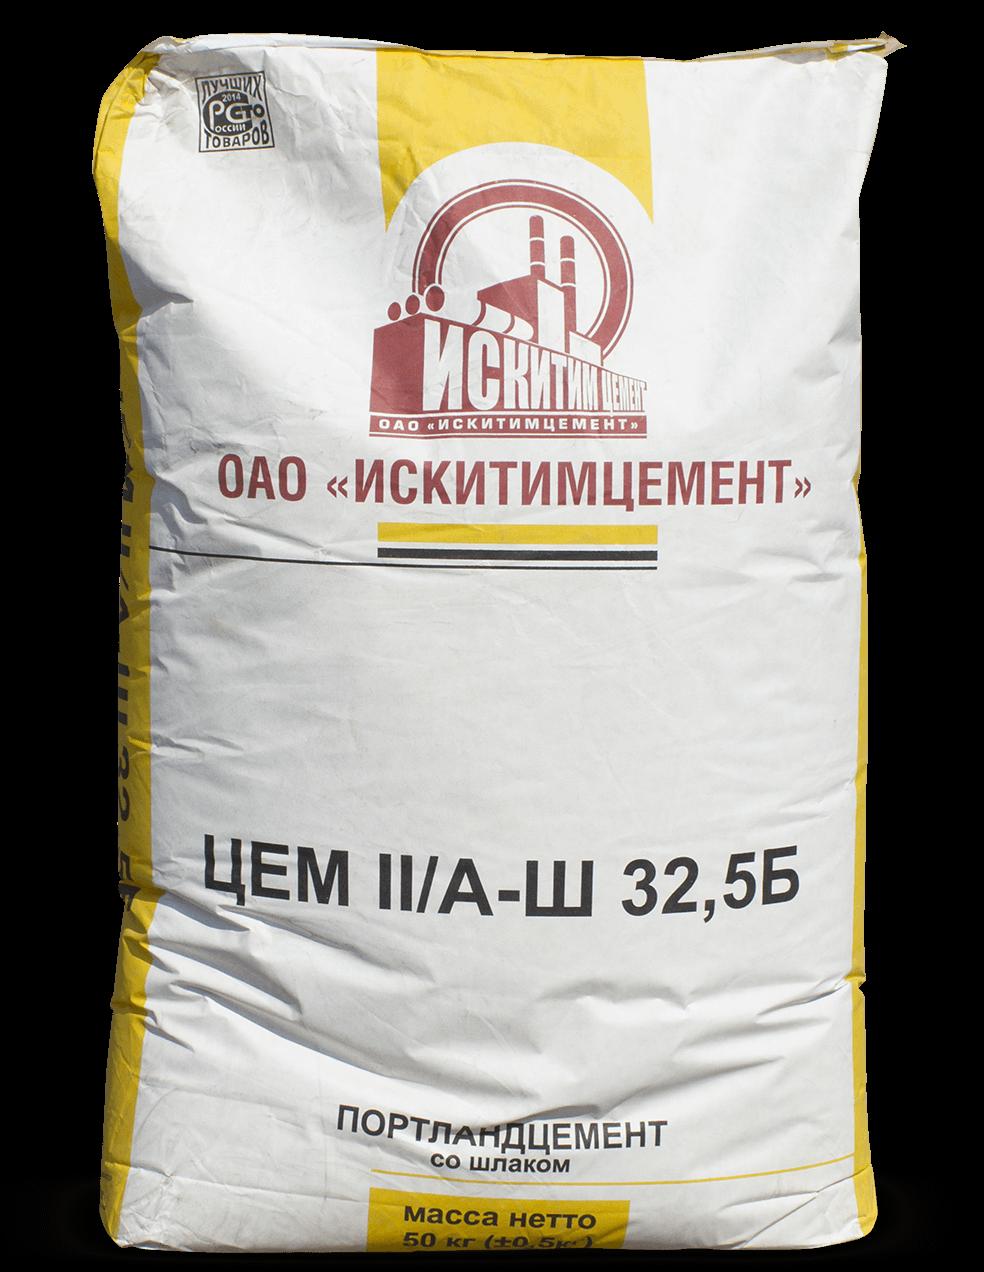 Искитимский цемент ЦЕМ II/A-Ш32,5 Б (ПЦ 400 Д20)